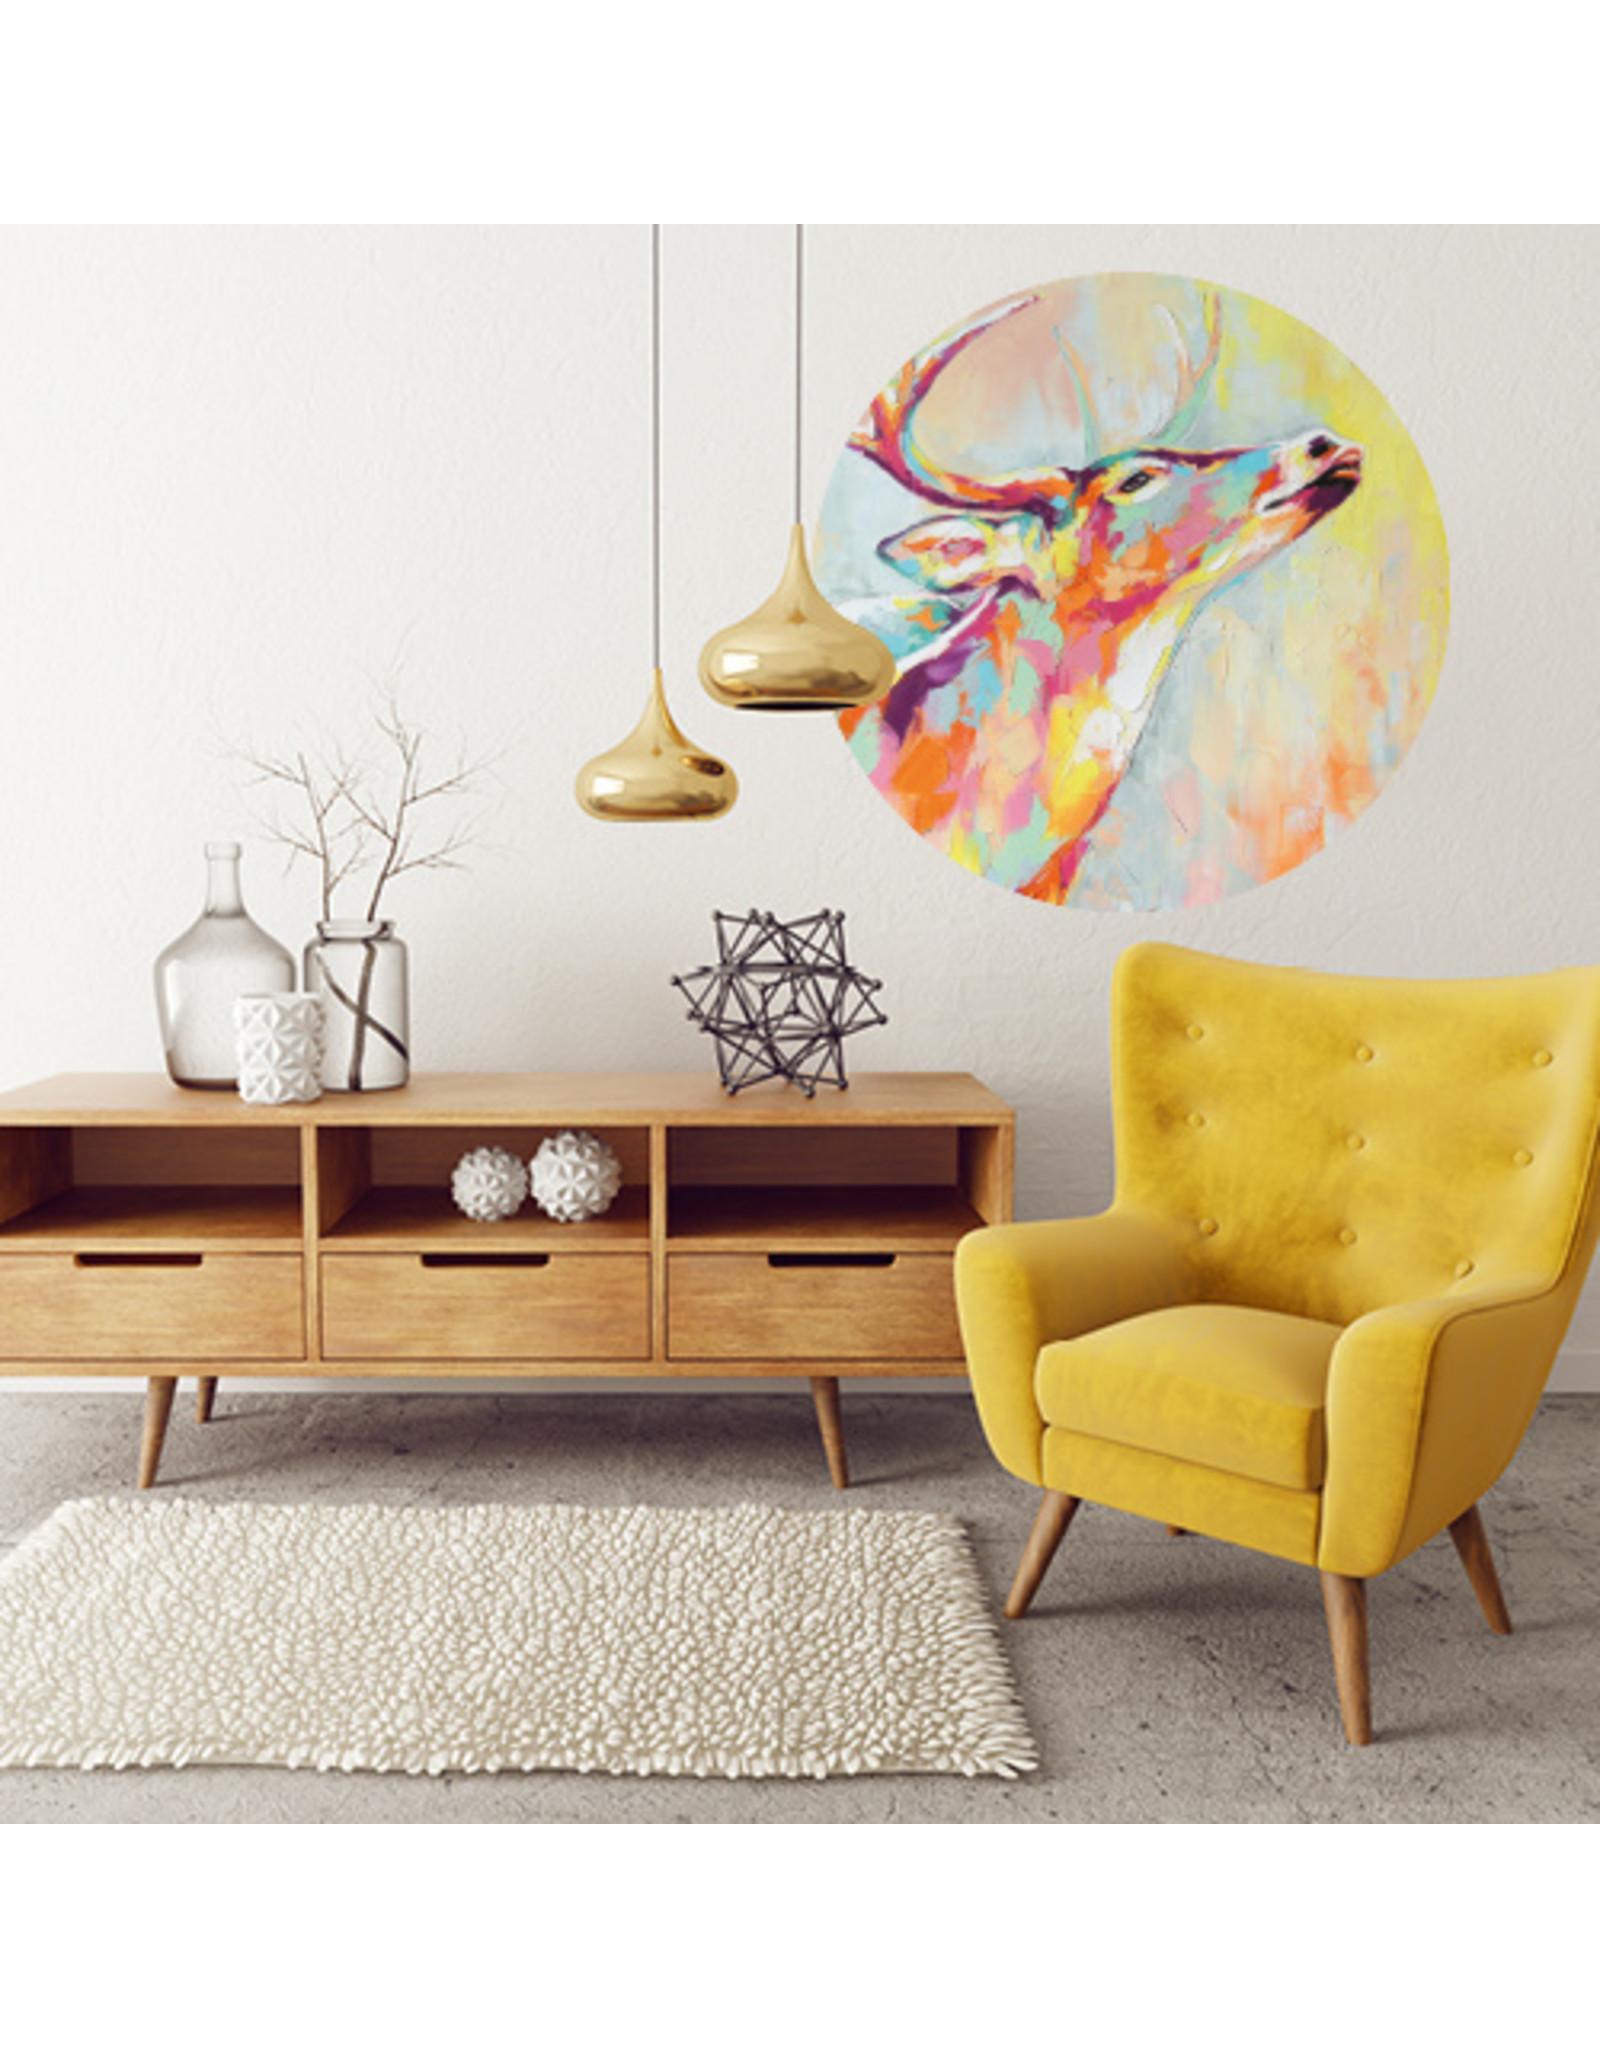 Dunnebier Home Muursticker Hert schilderij - verwijderbaar